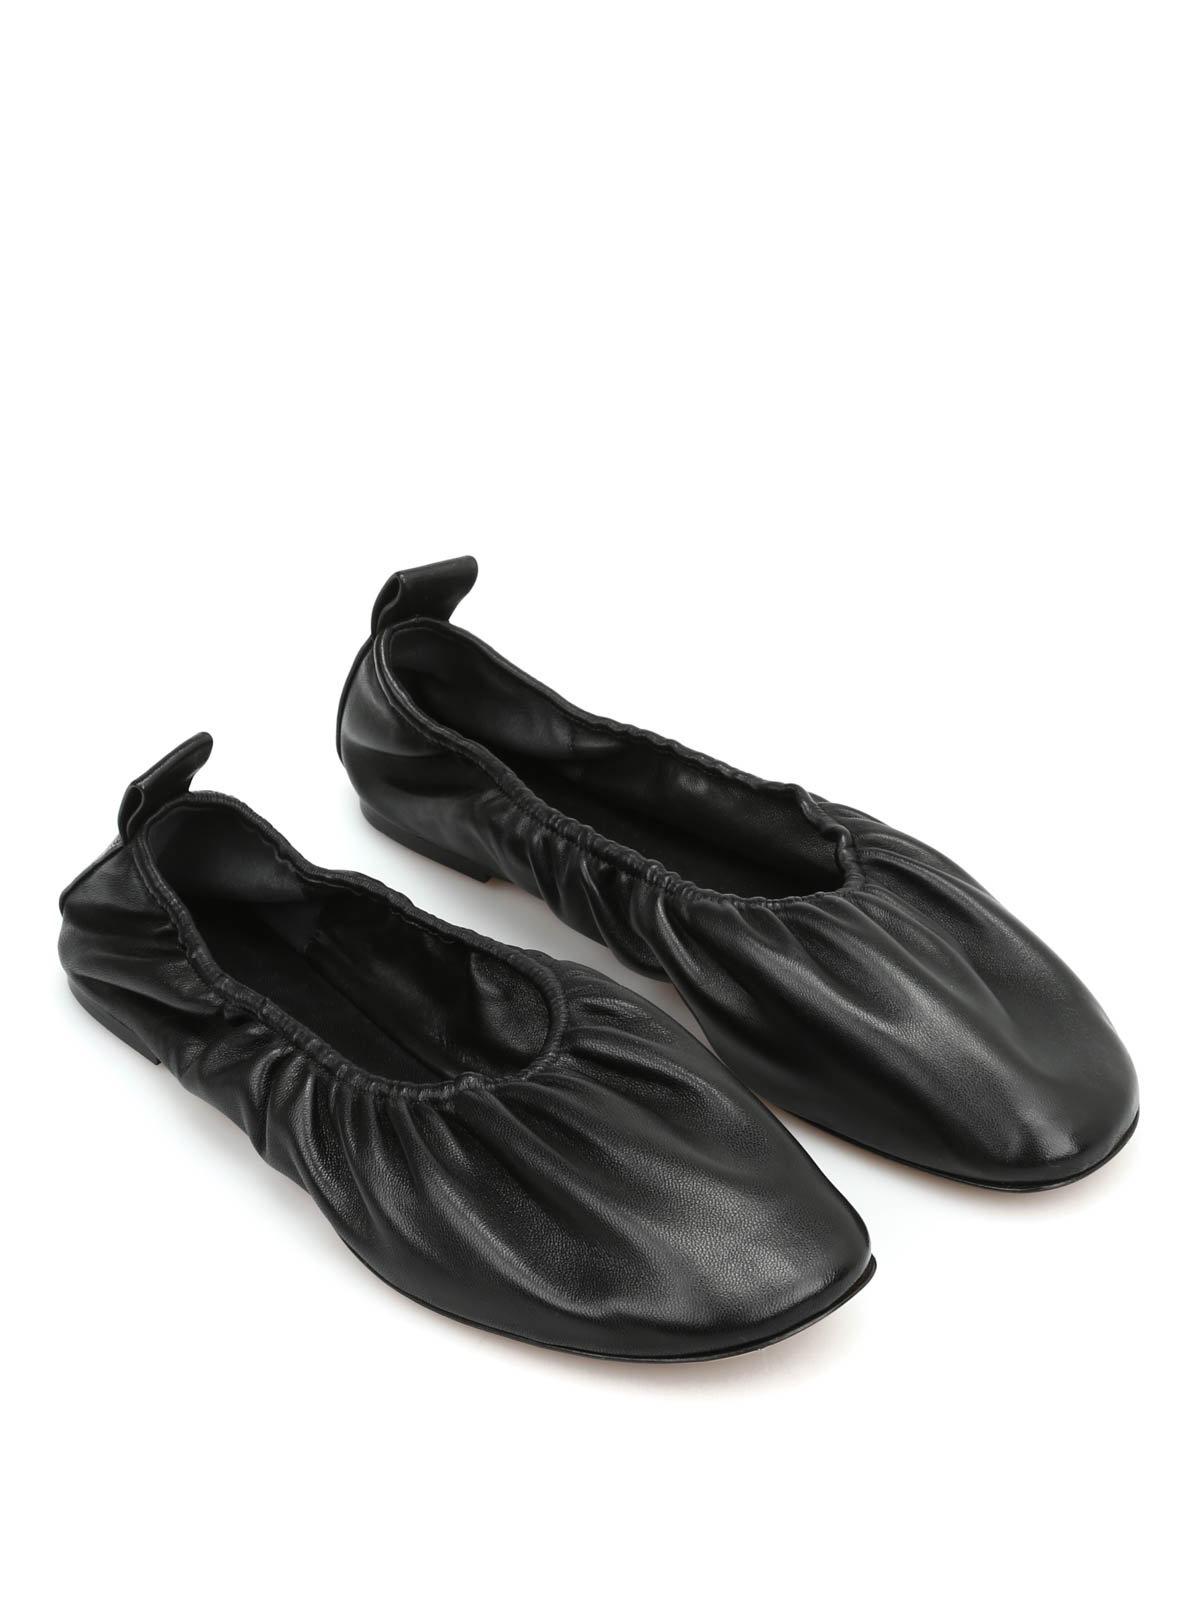 Céline - Leather flats - flat shoes